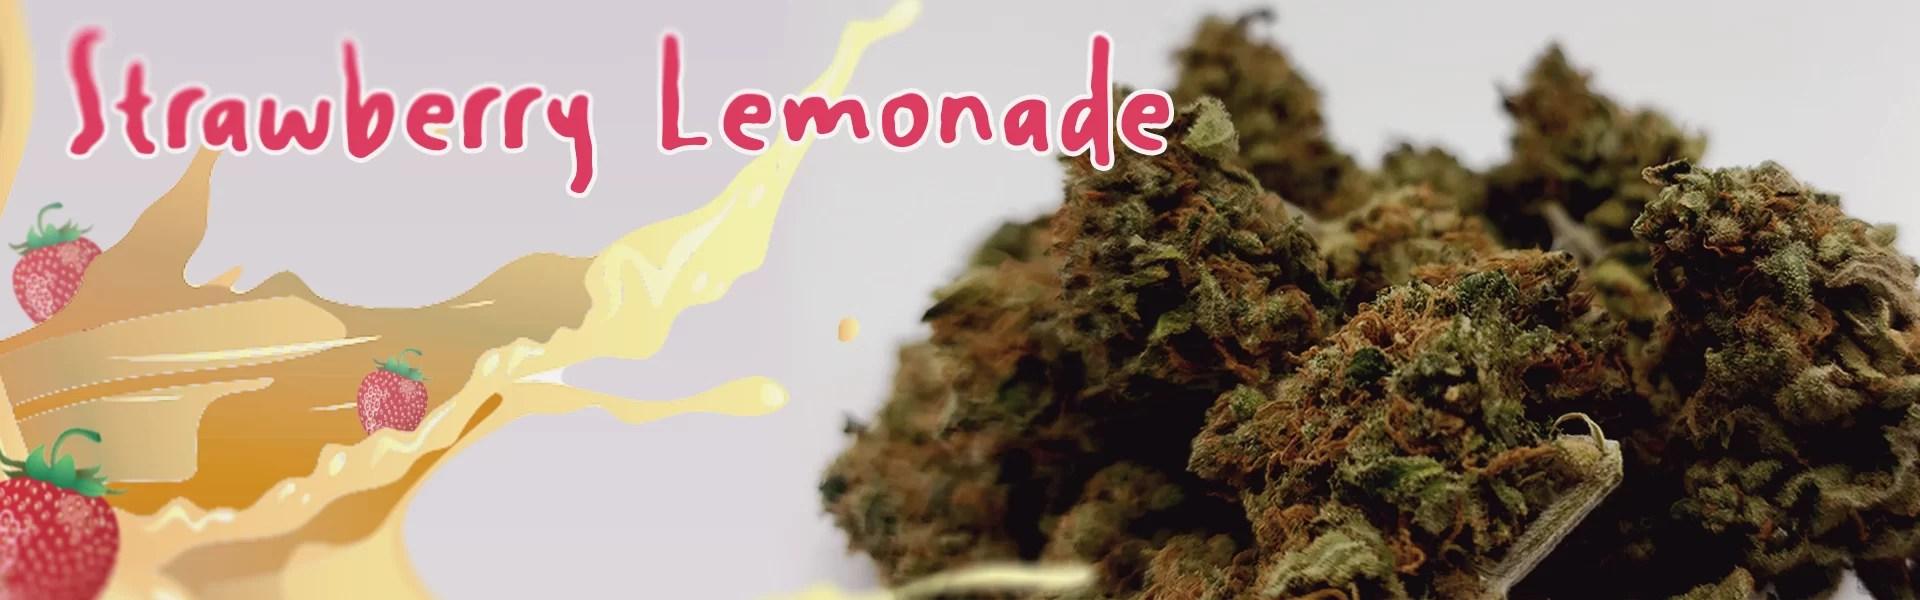 Strawberry Lemonaid